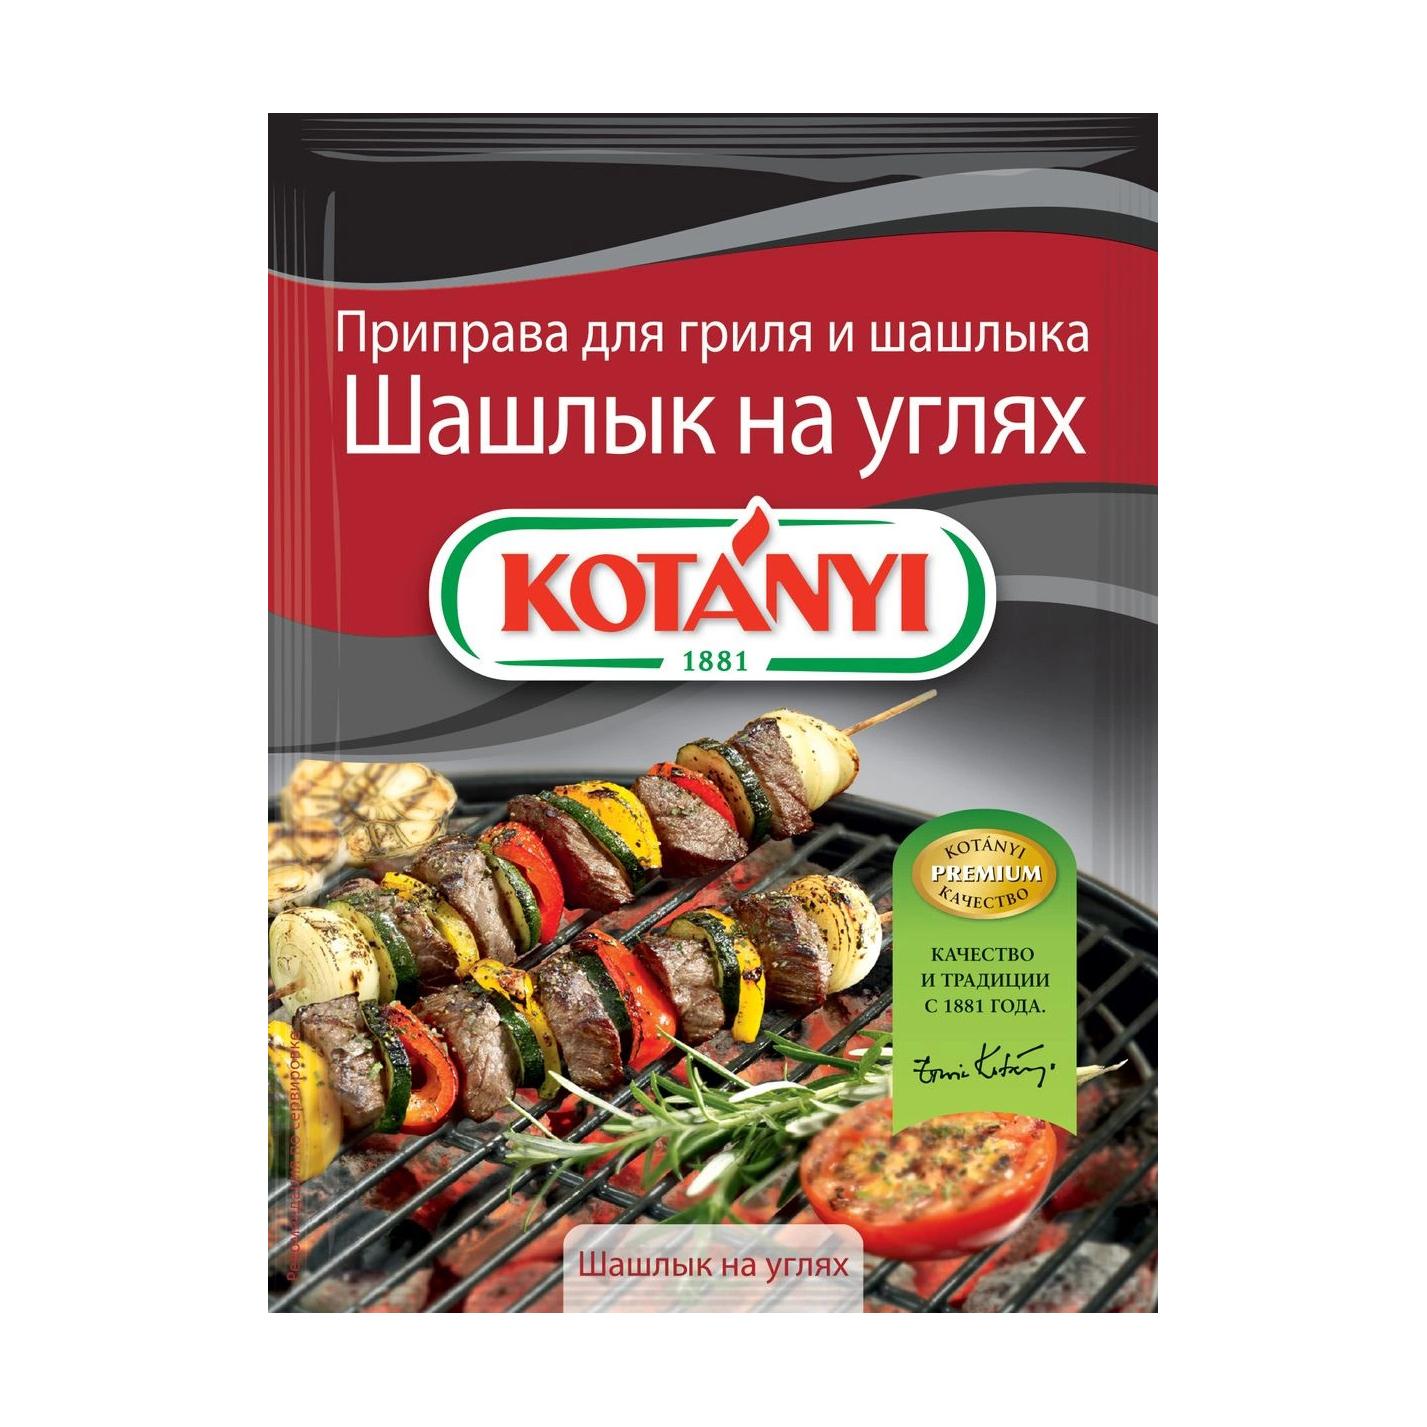 Приправа Kotanyi для шашлыка 30 г недорого